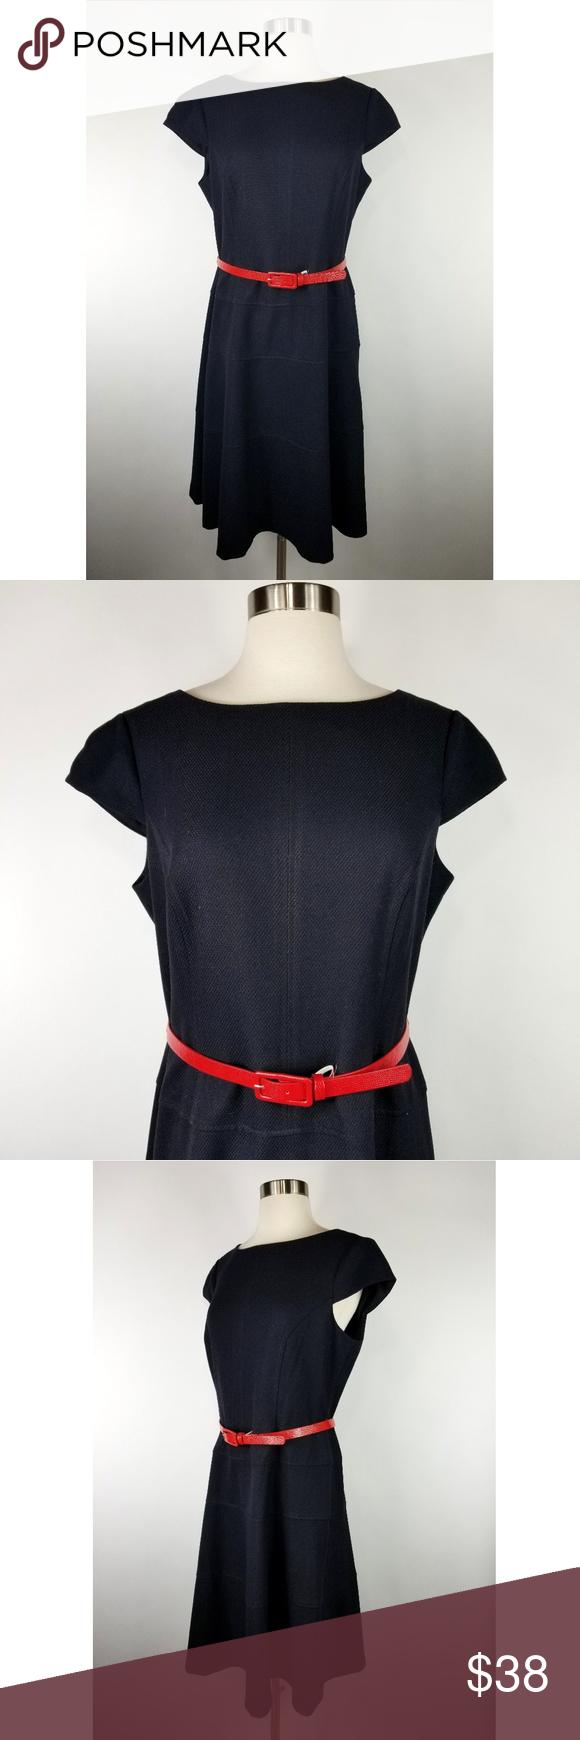 Anne klein black fit flare dress red belt red belt fit flare